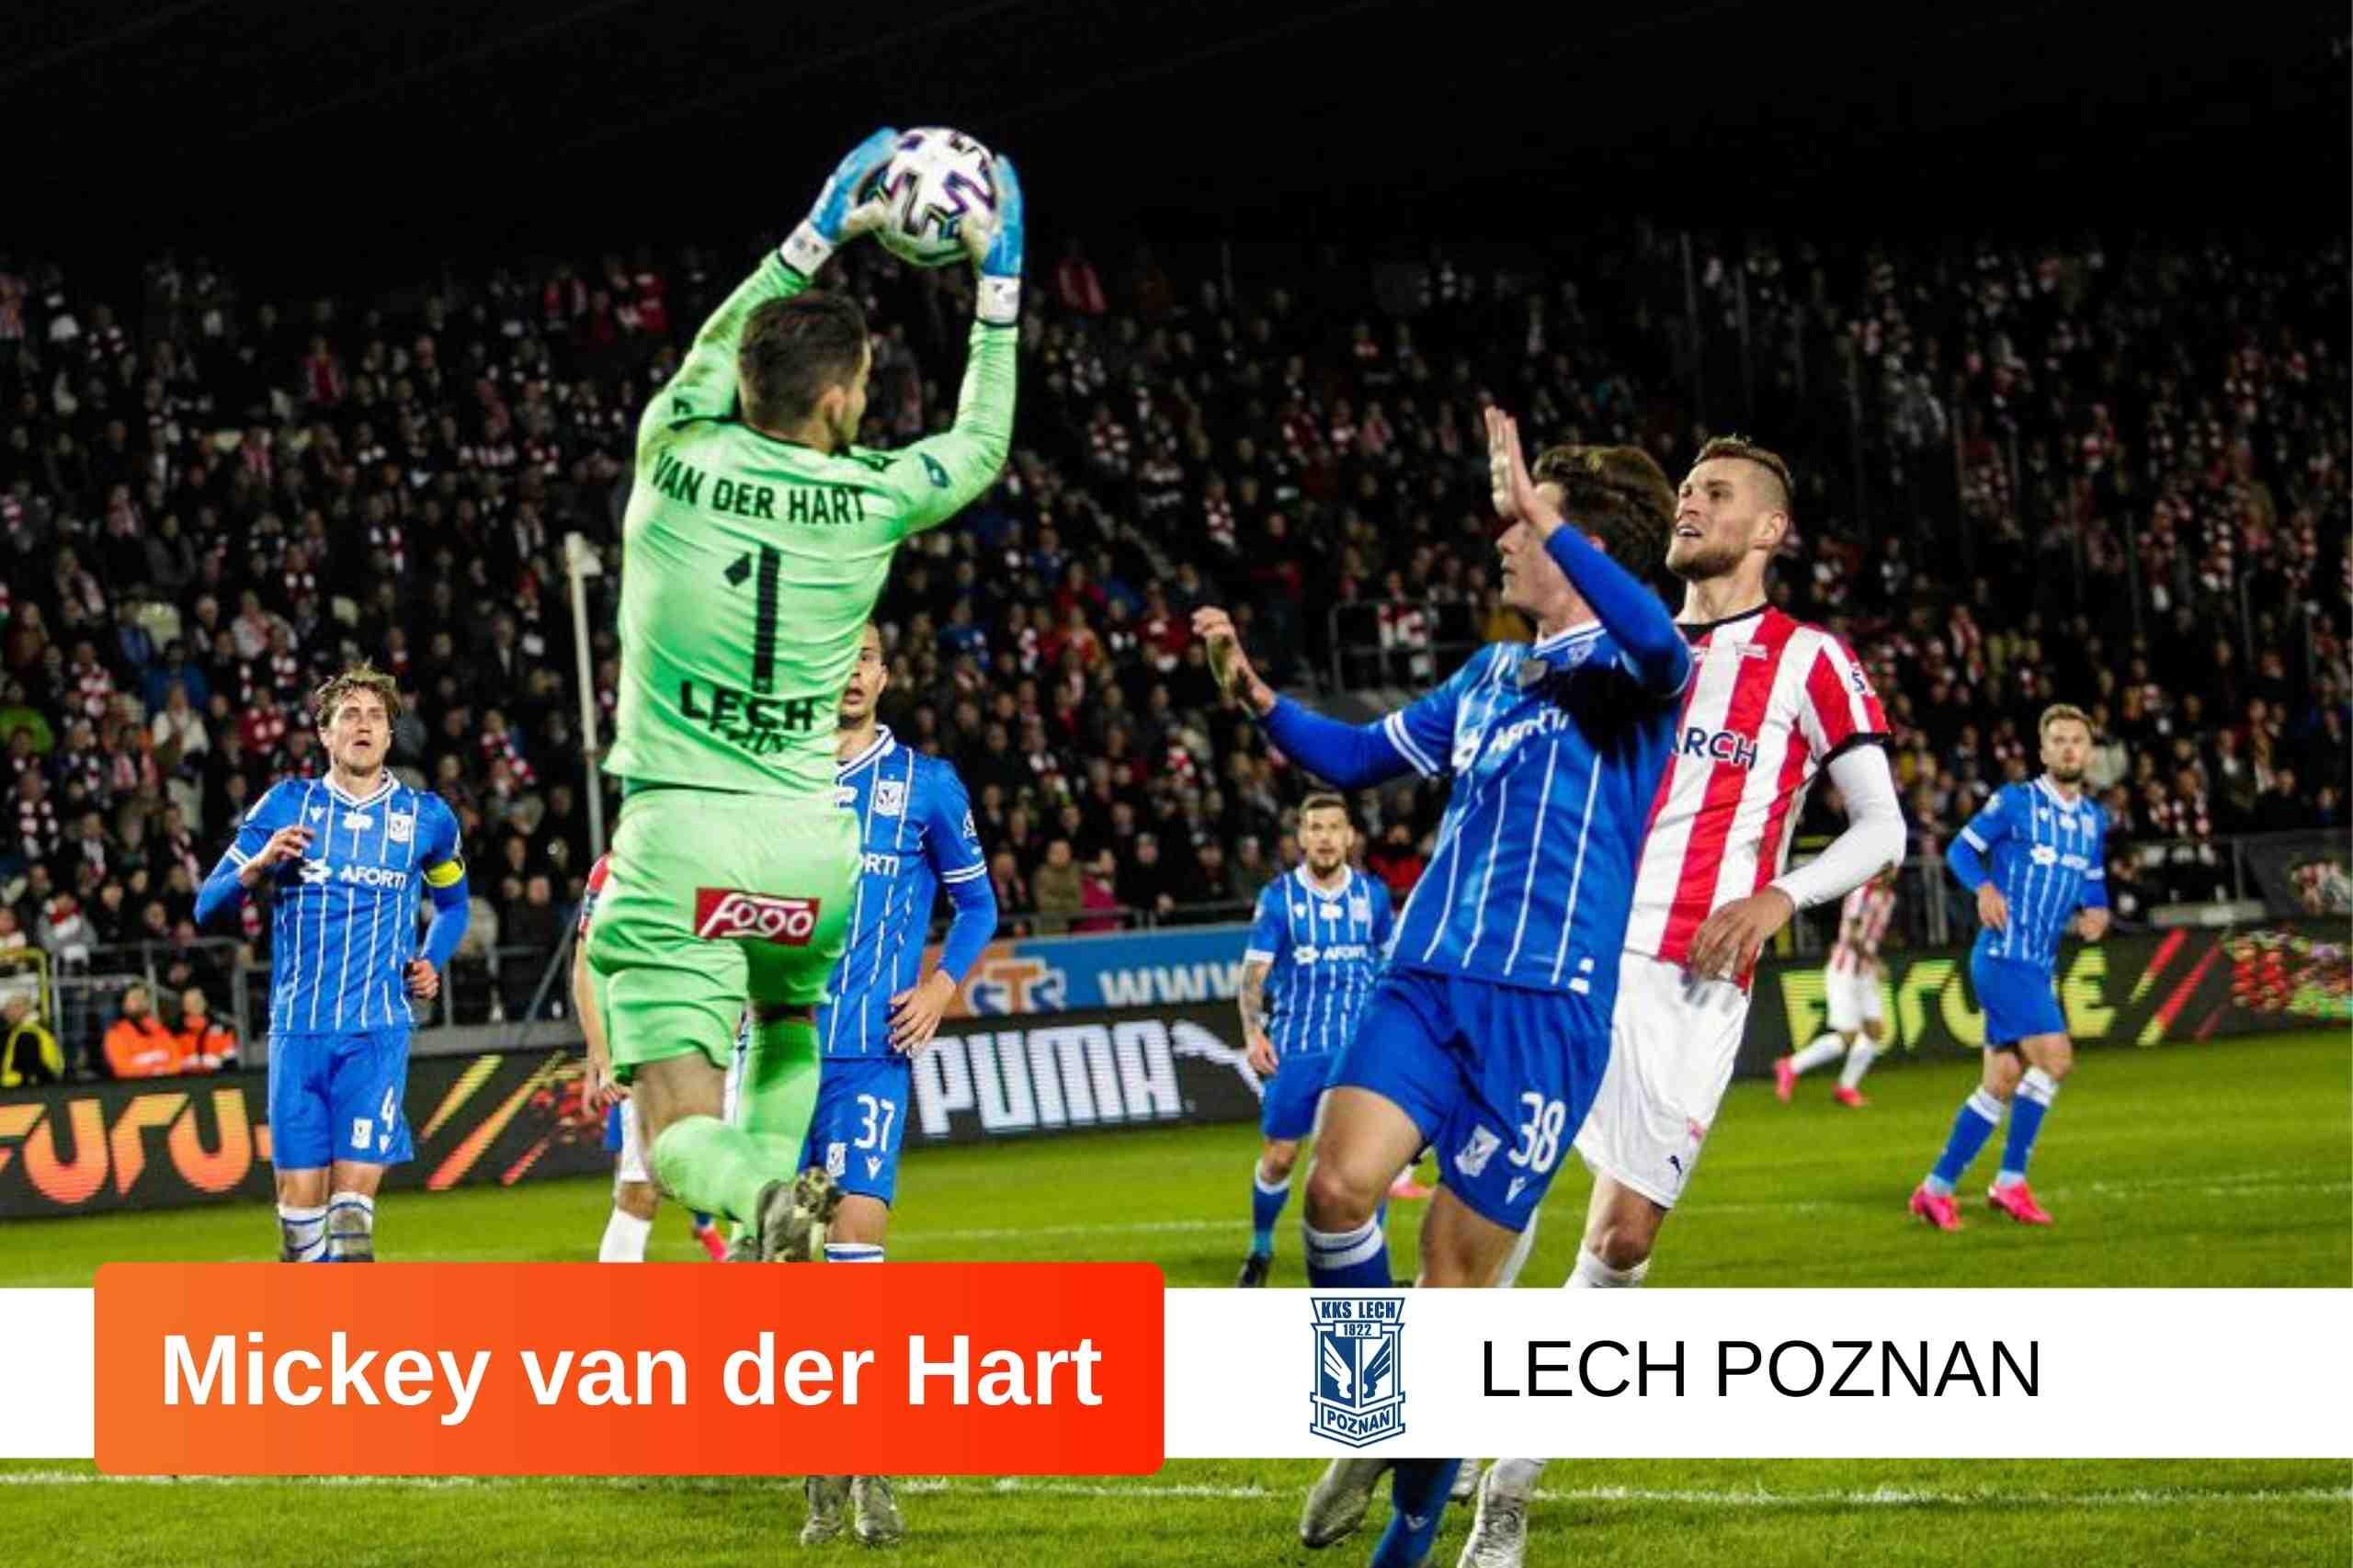 Mickey van der Hart